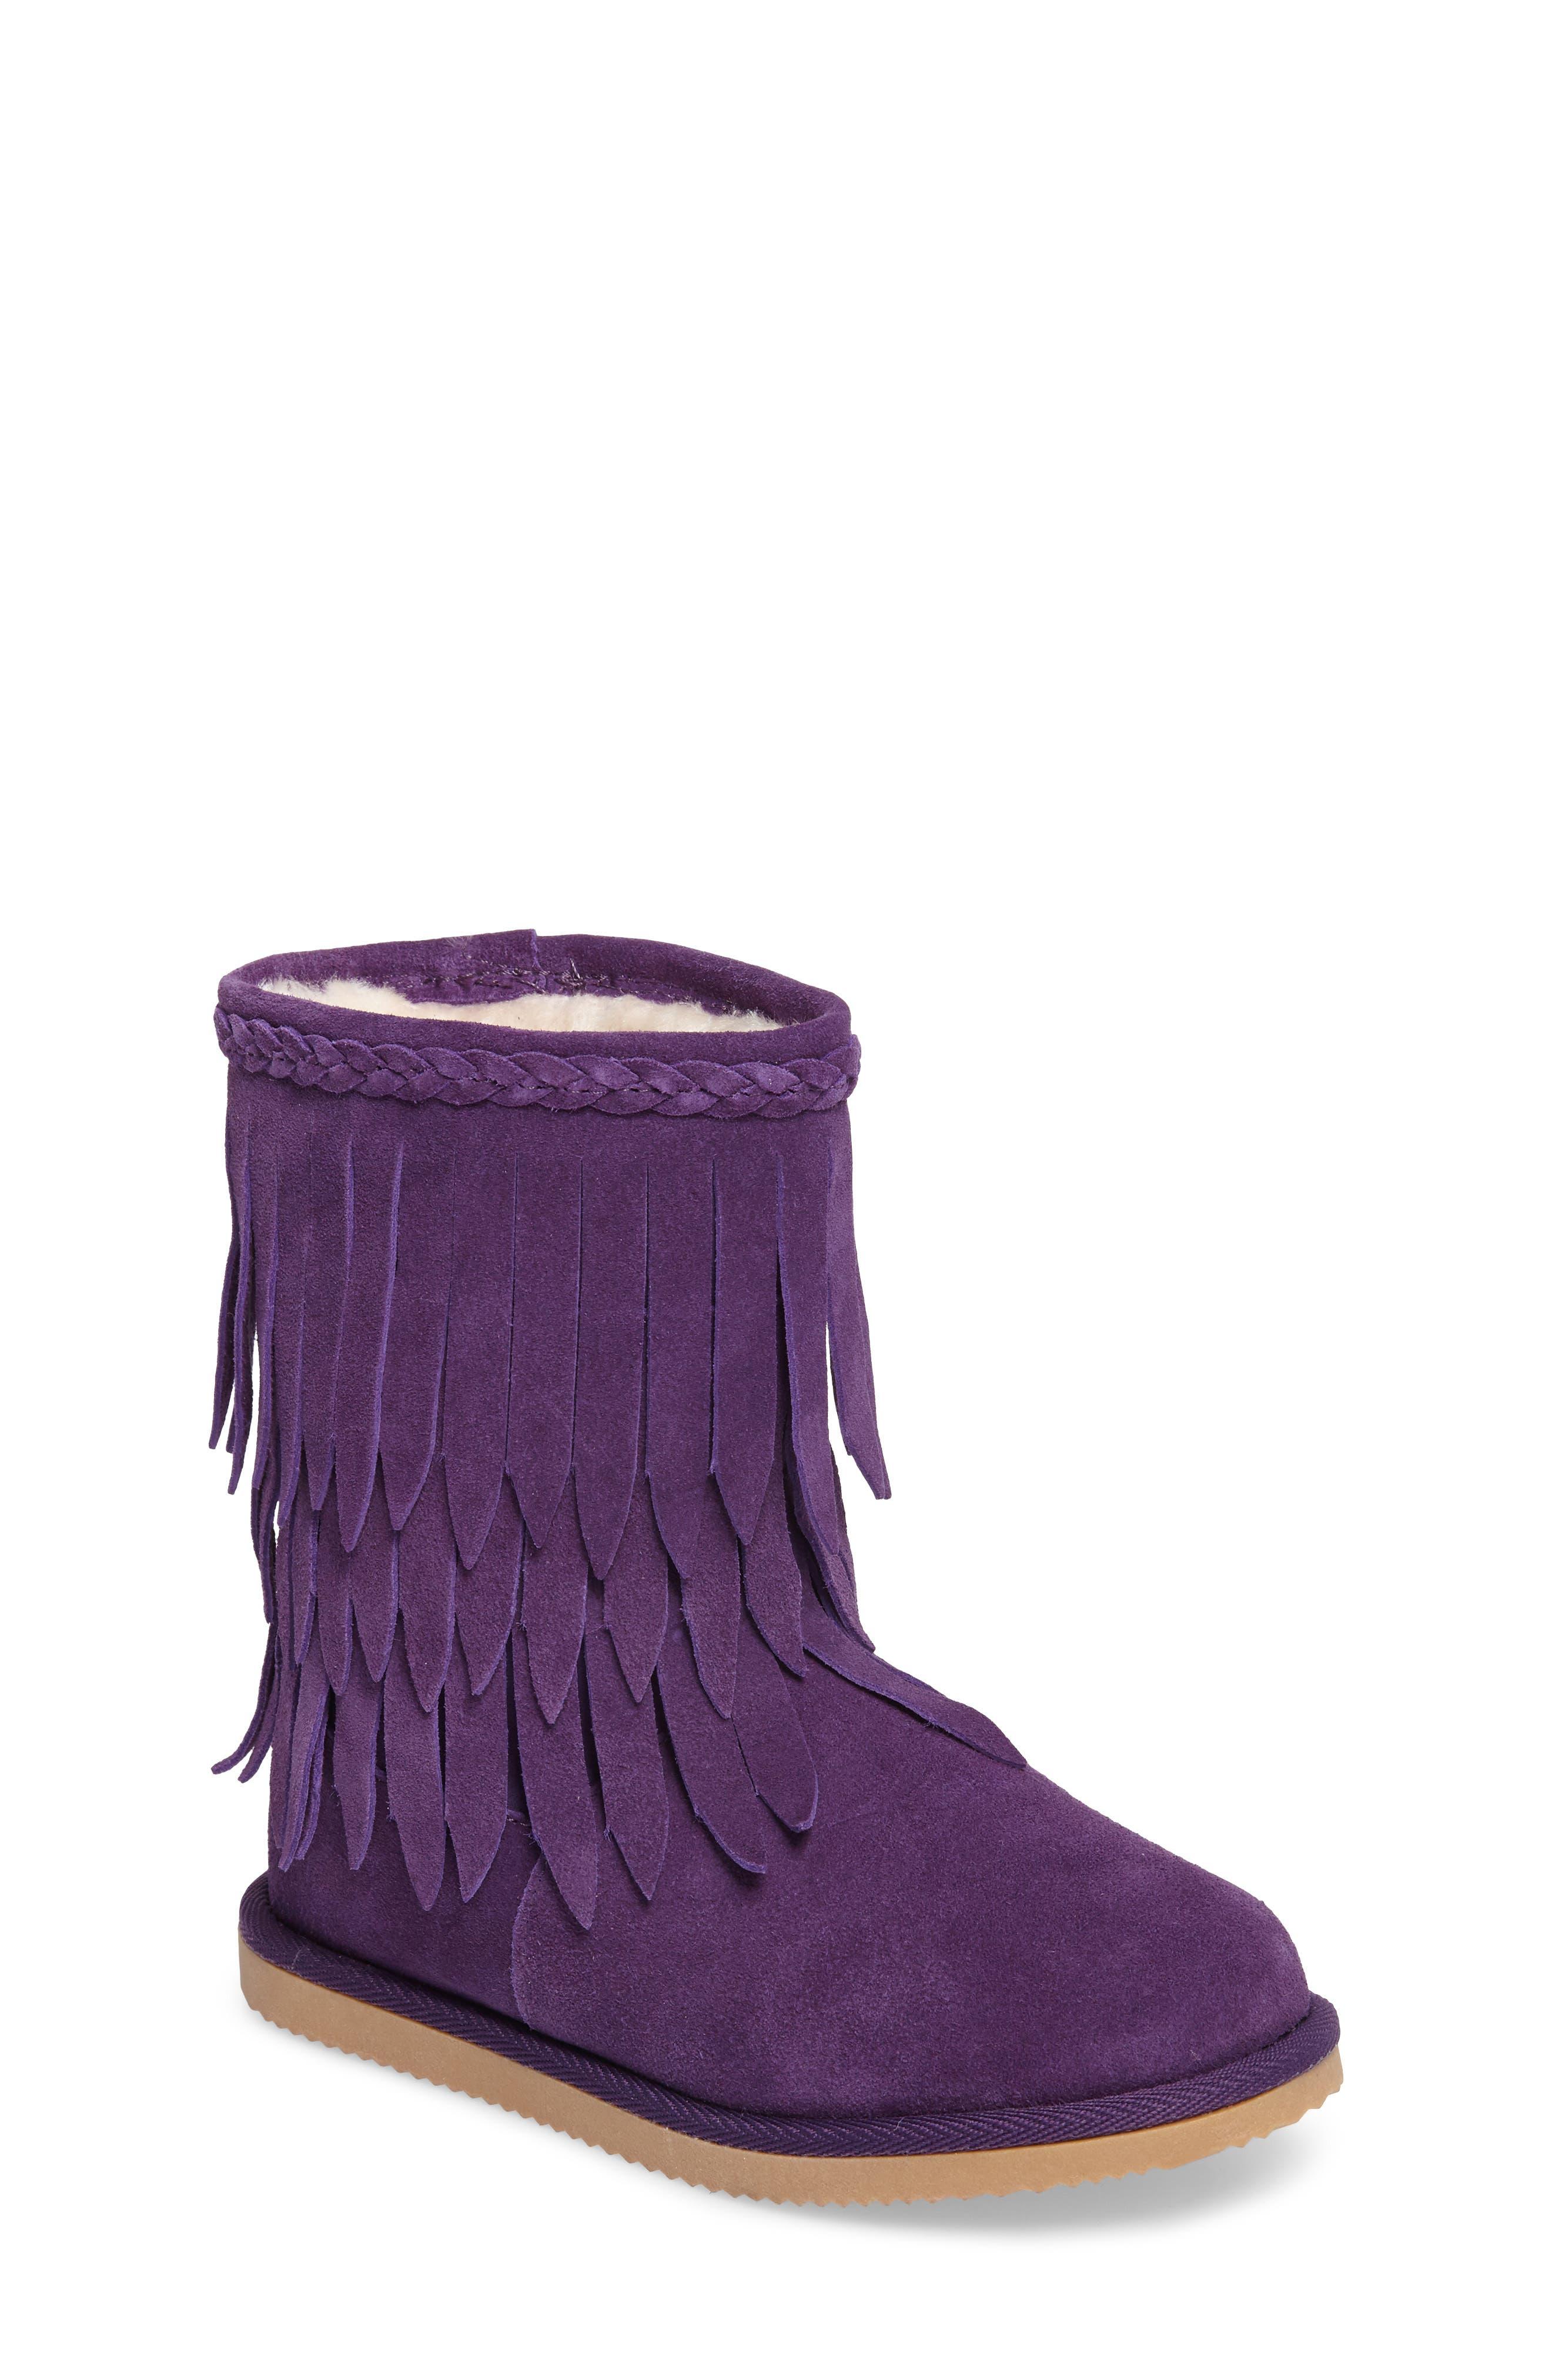 Elissa Faux Fur Fringed Bootie,                         Main,                         color, Purple Suede